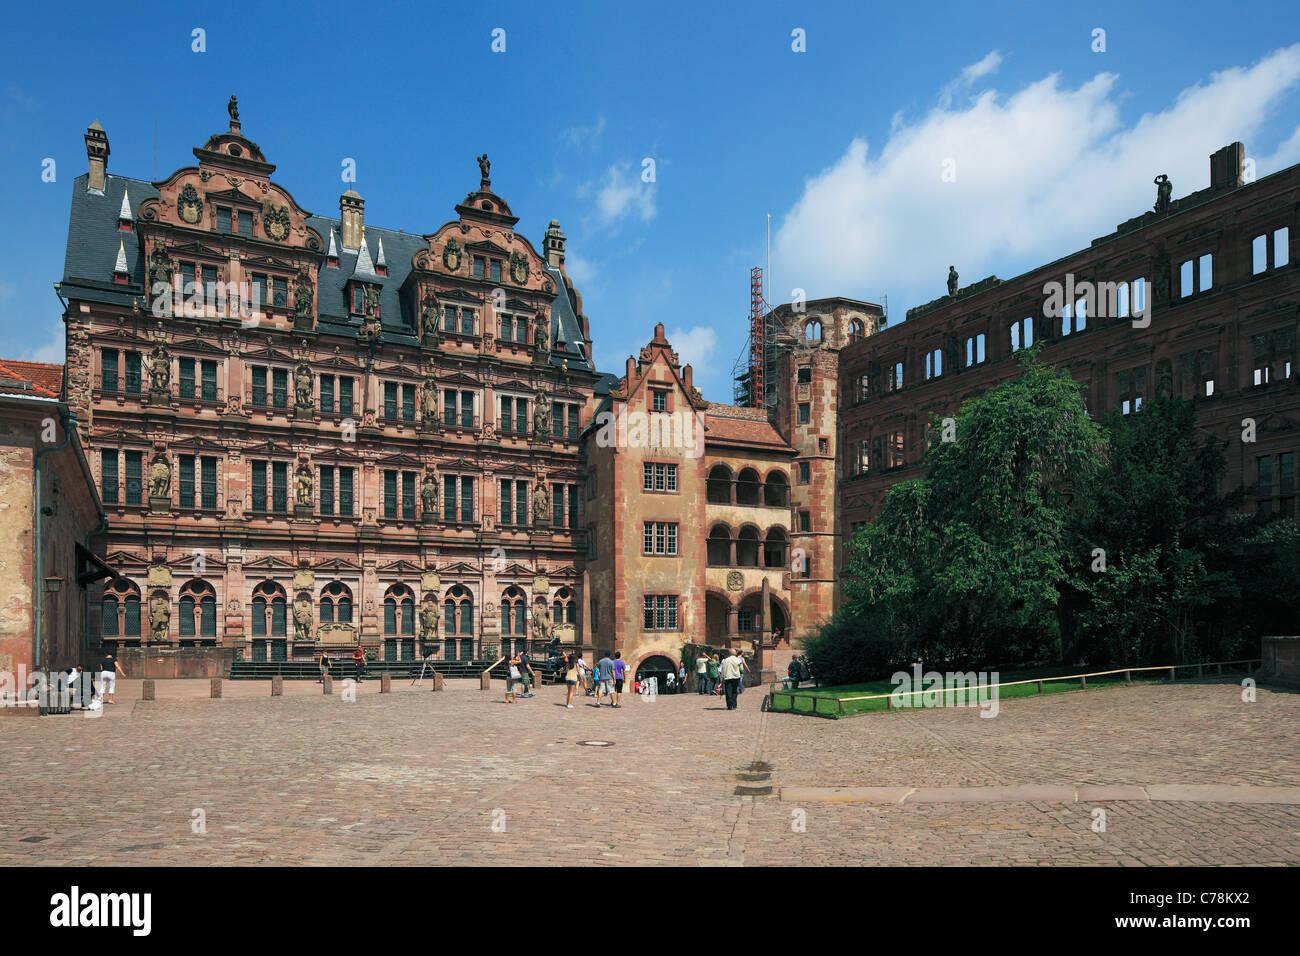 Heidelberger Schloss in Baden-Wuerttemberg, Schlosshof, Friedrichsbau, Glaeserner Saalbau, Glockenturm, Ottheinrichsbau Stock Photo